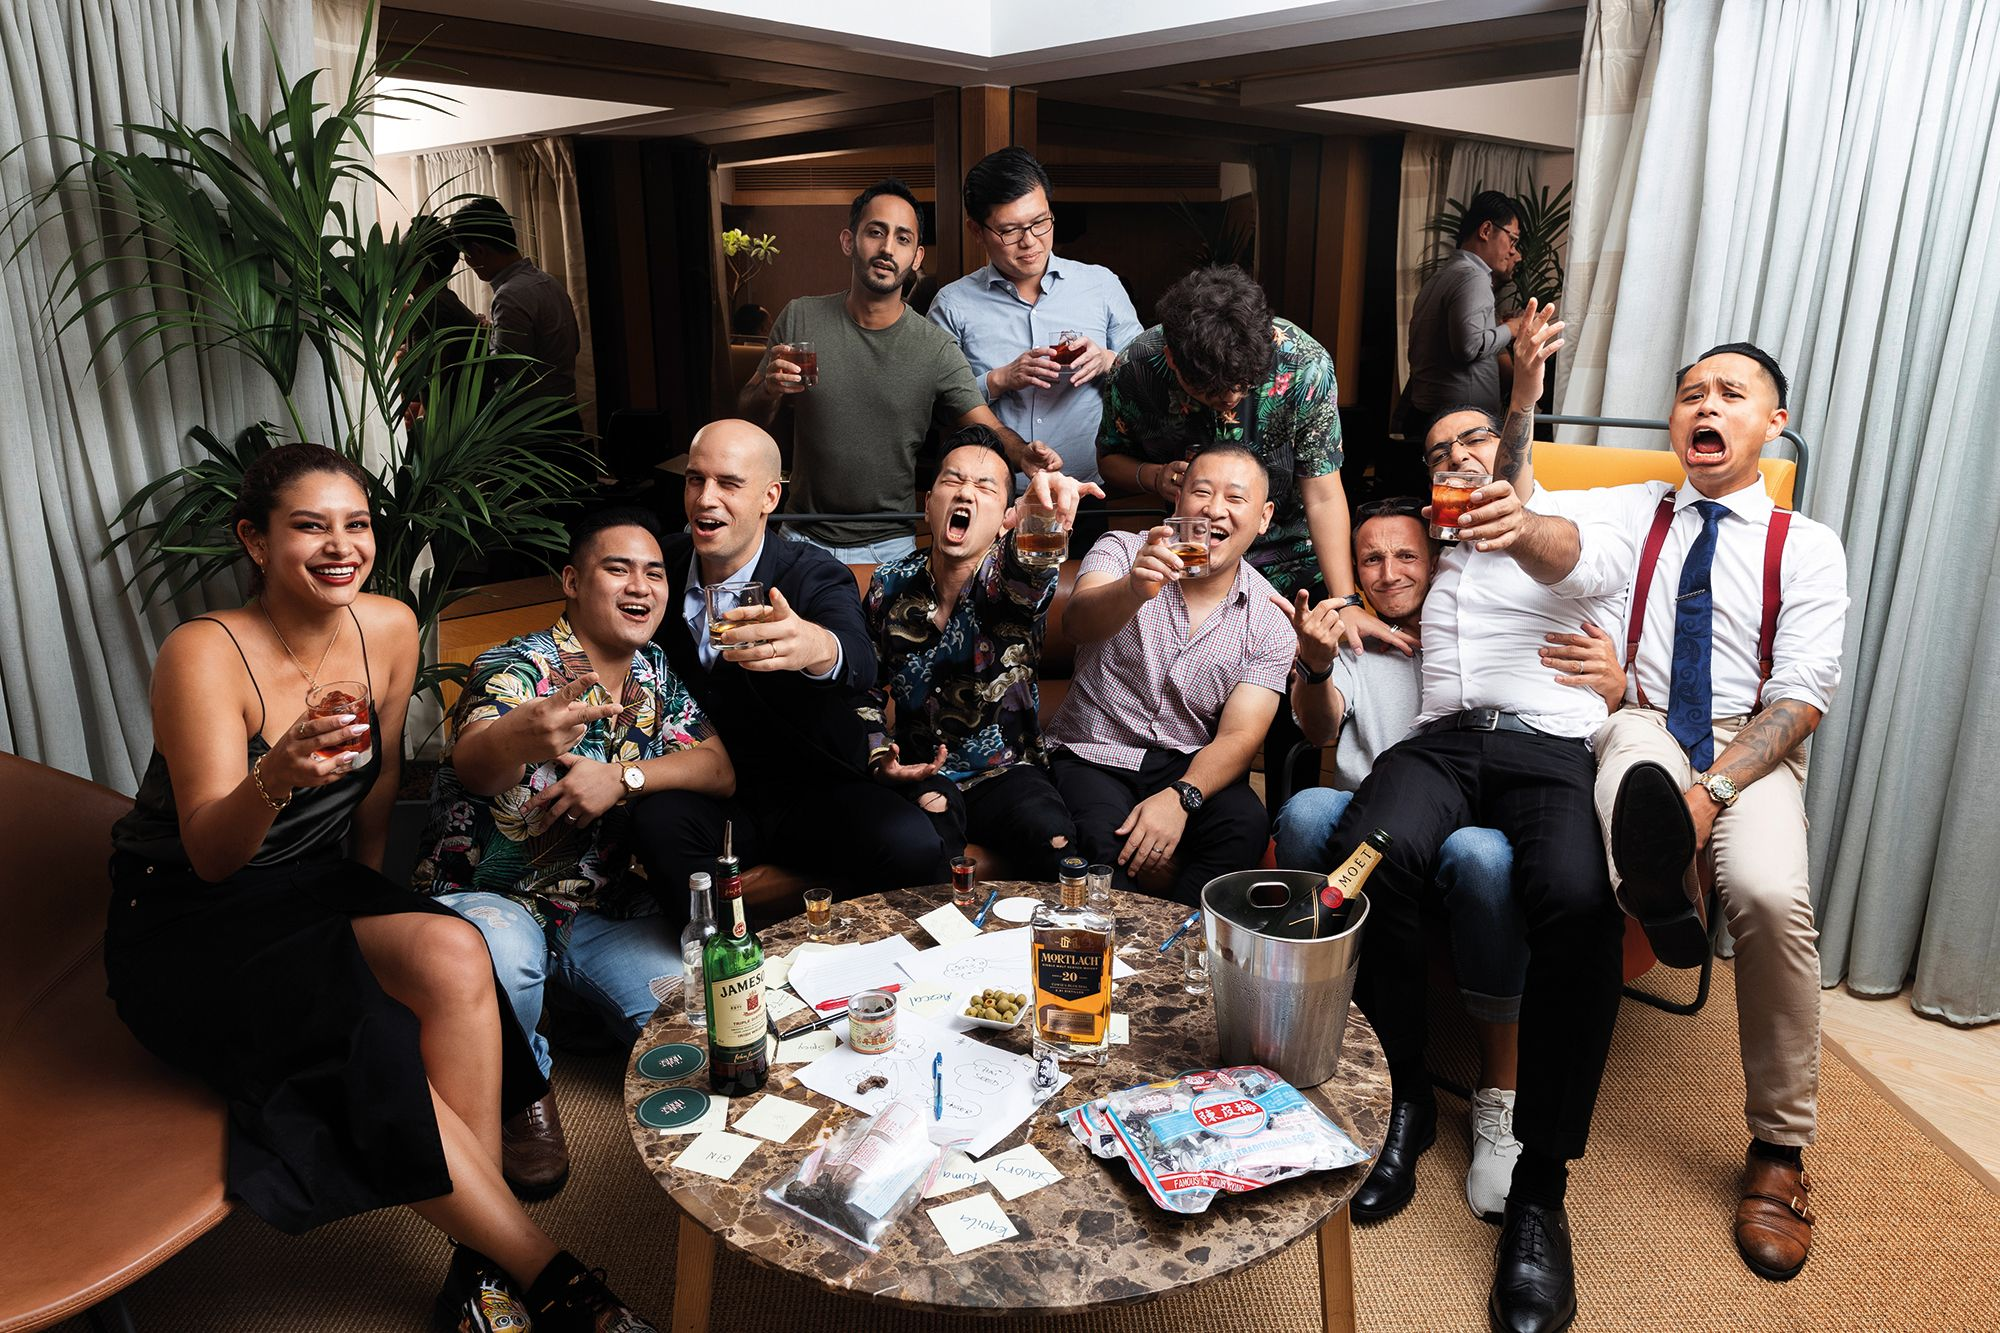 (Photo: Inga Beckmann and Jonathan Maloney for Tatler Hong Kong)